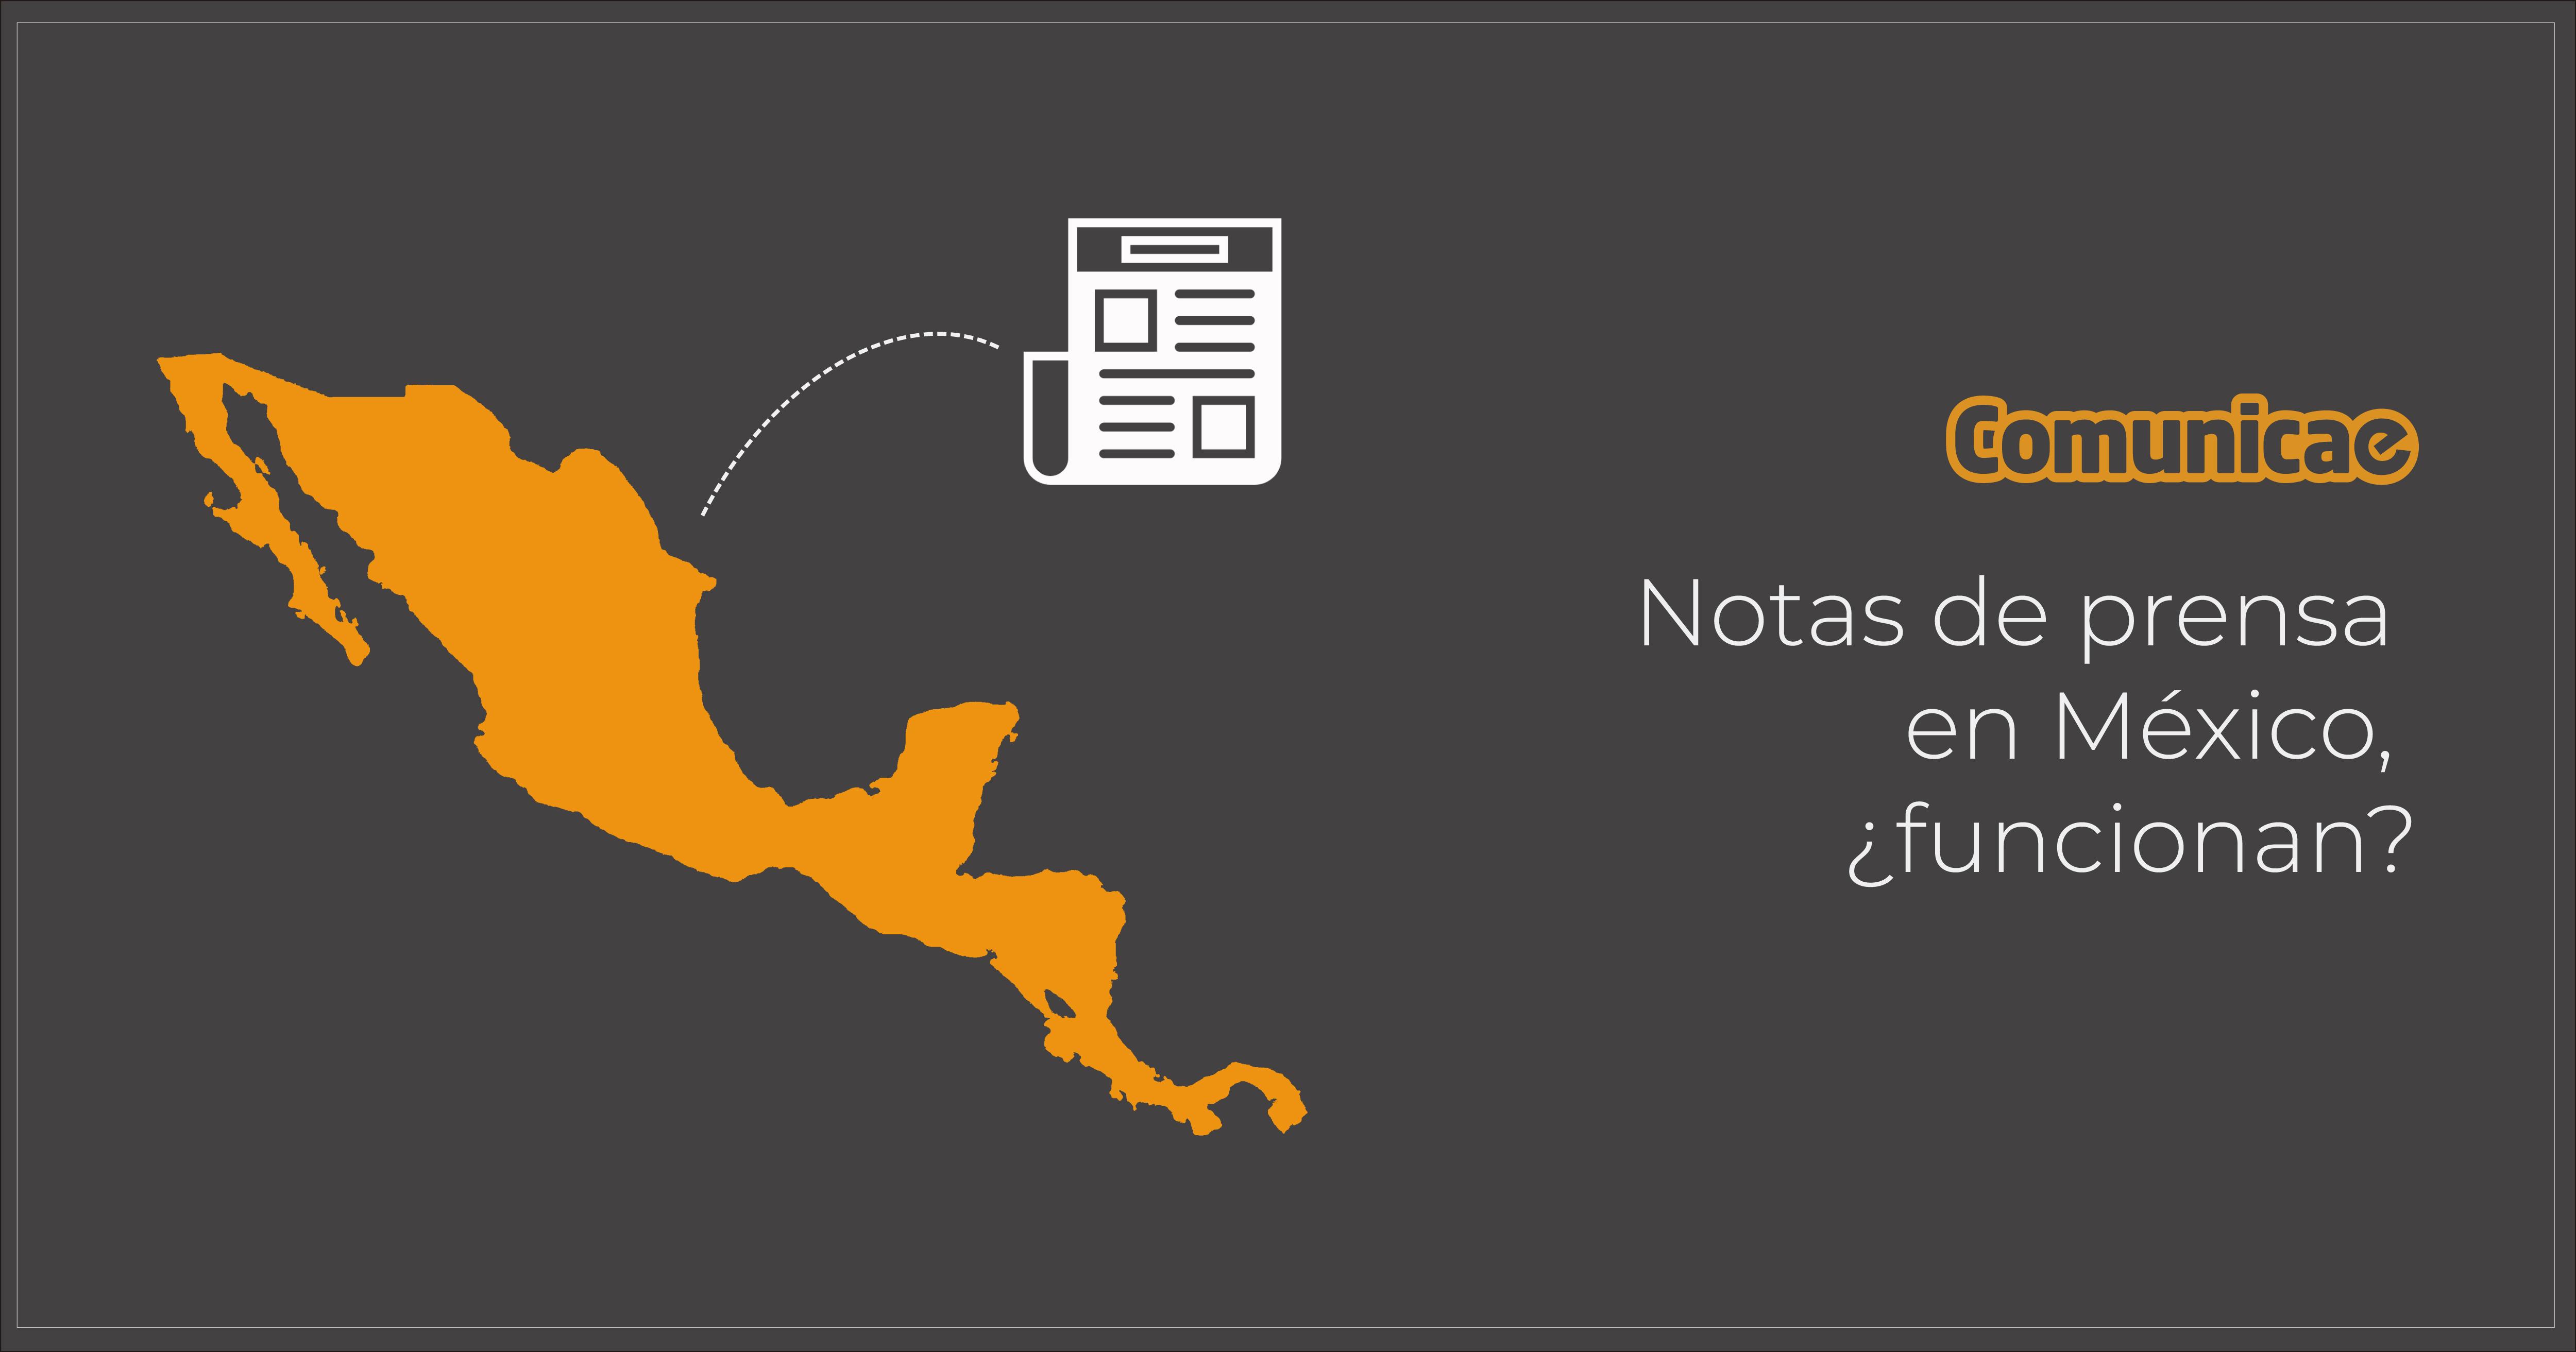 5 claves para realizar un plan de comunicación en México